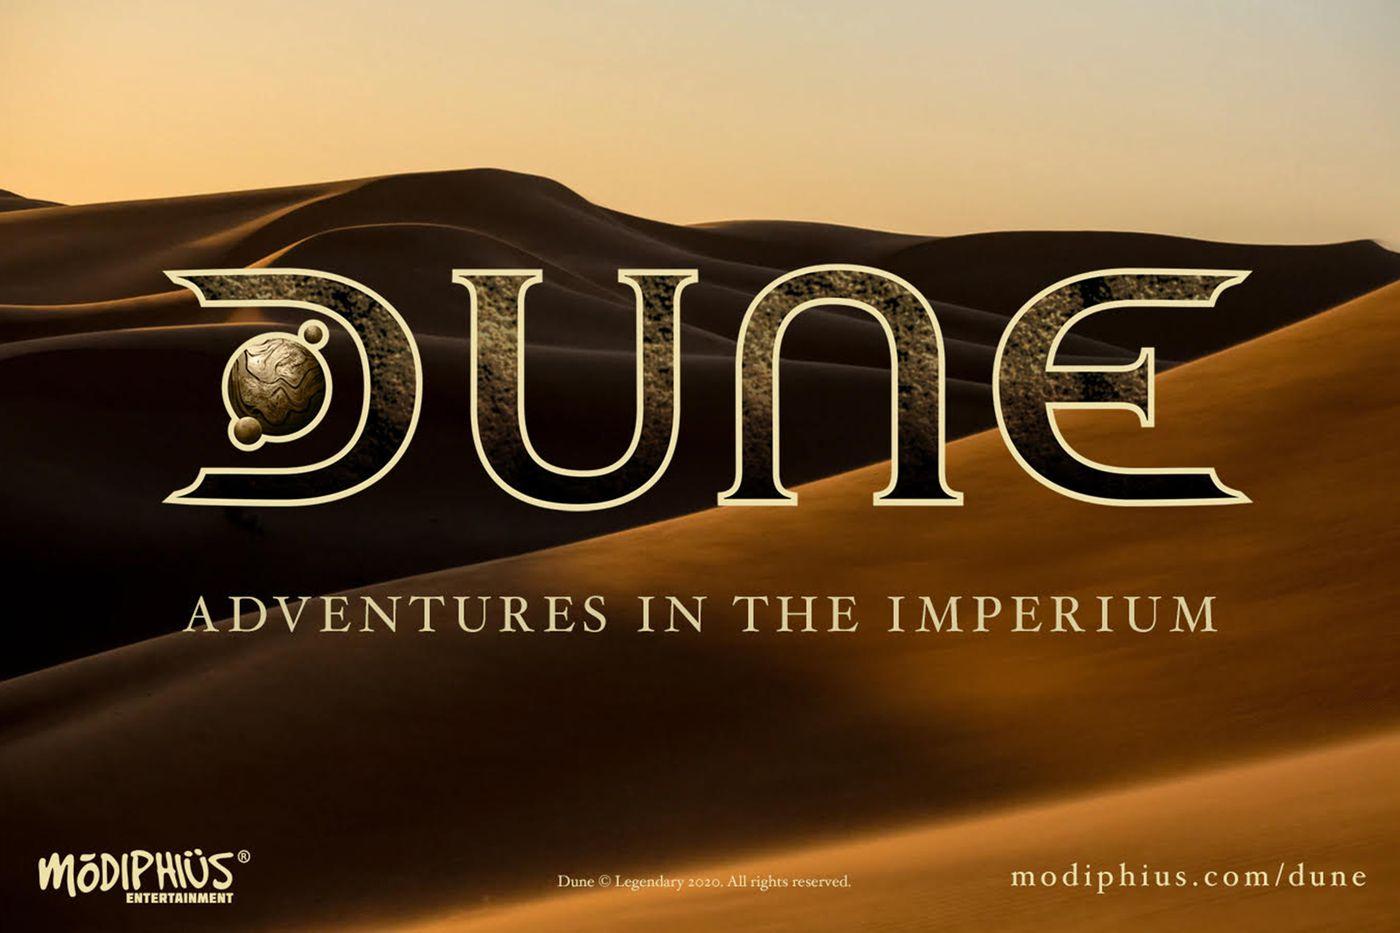 dune_logo.jpg